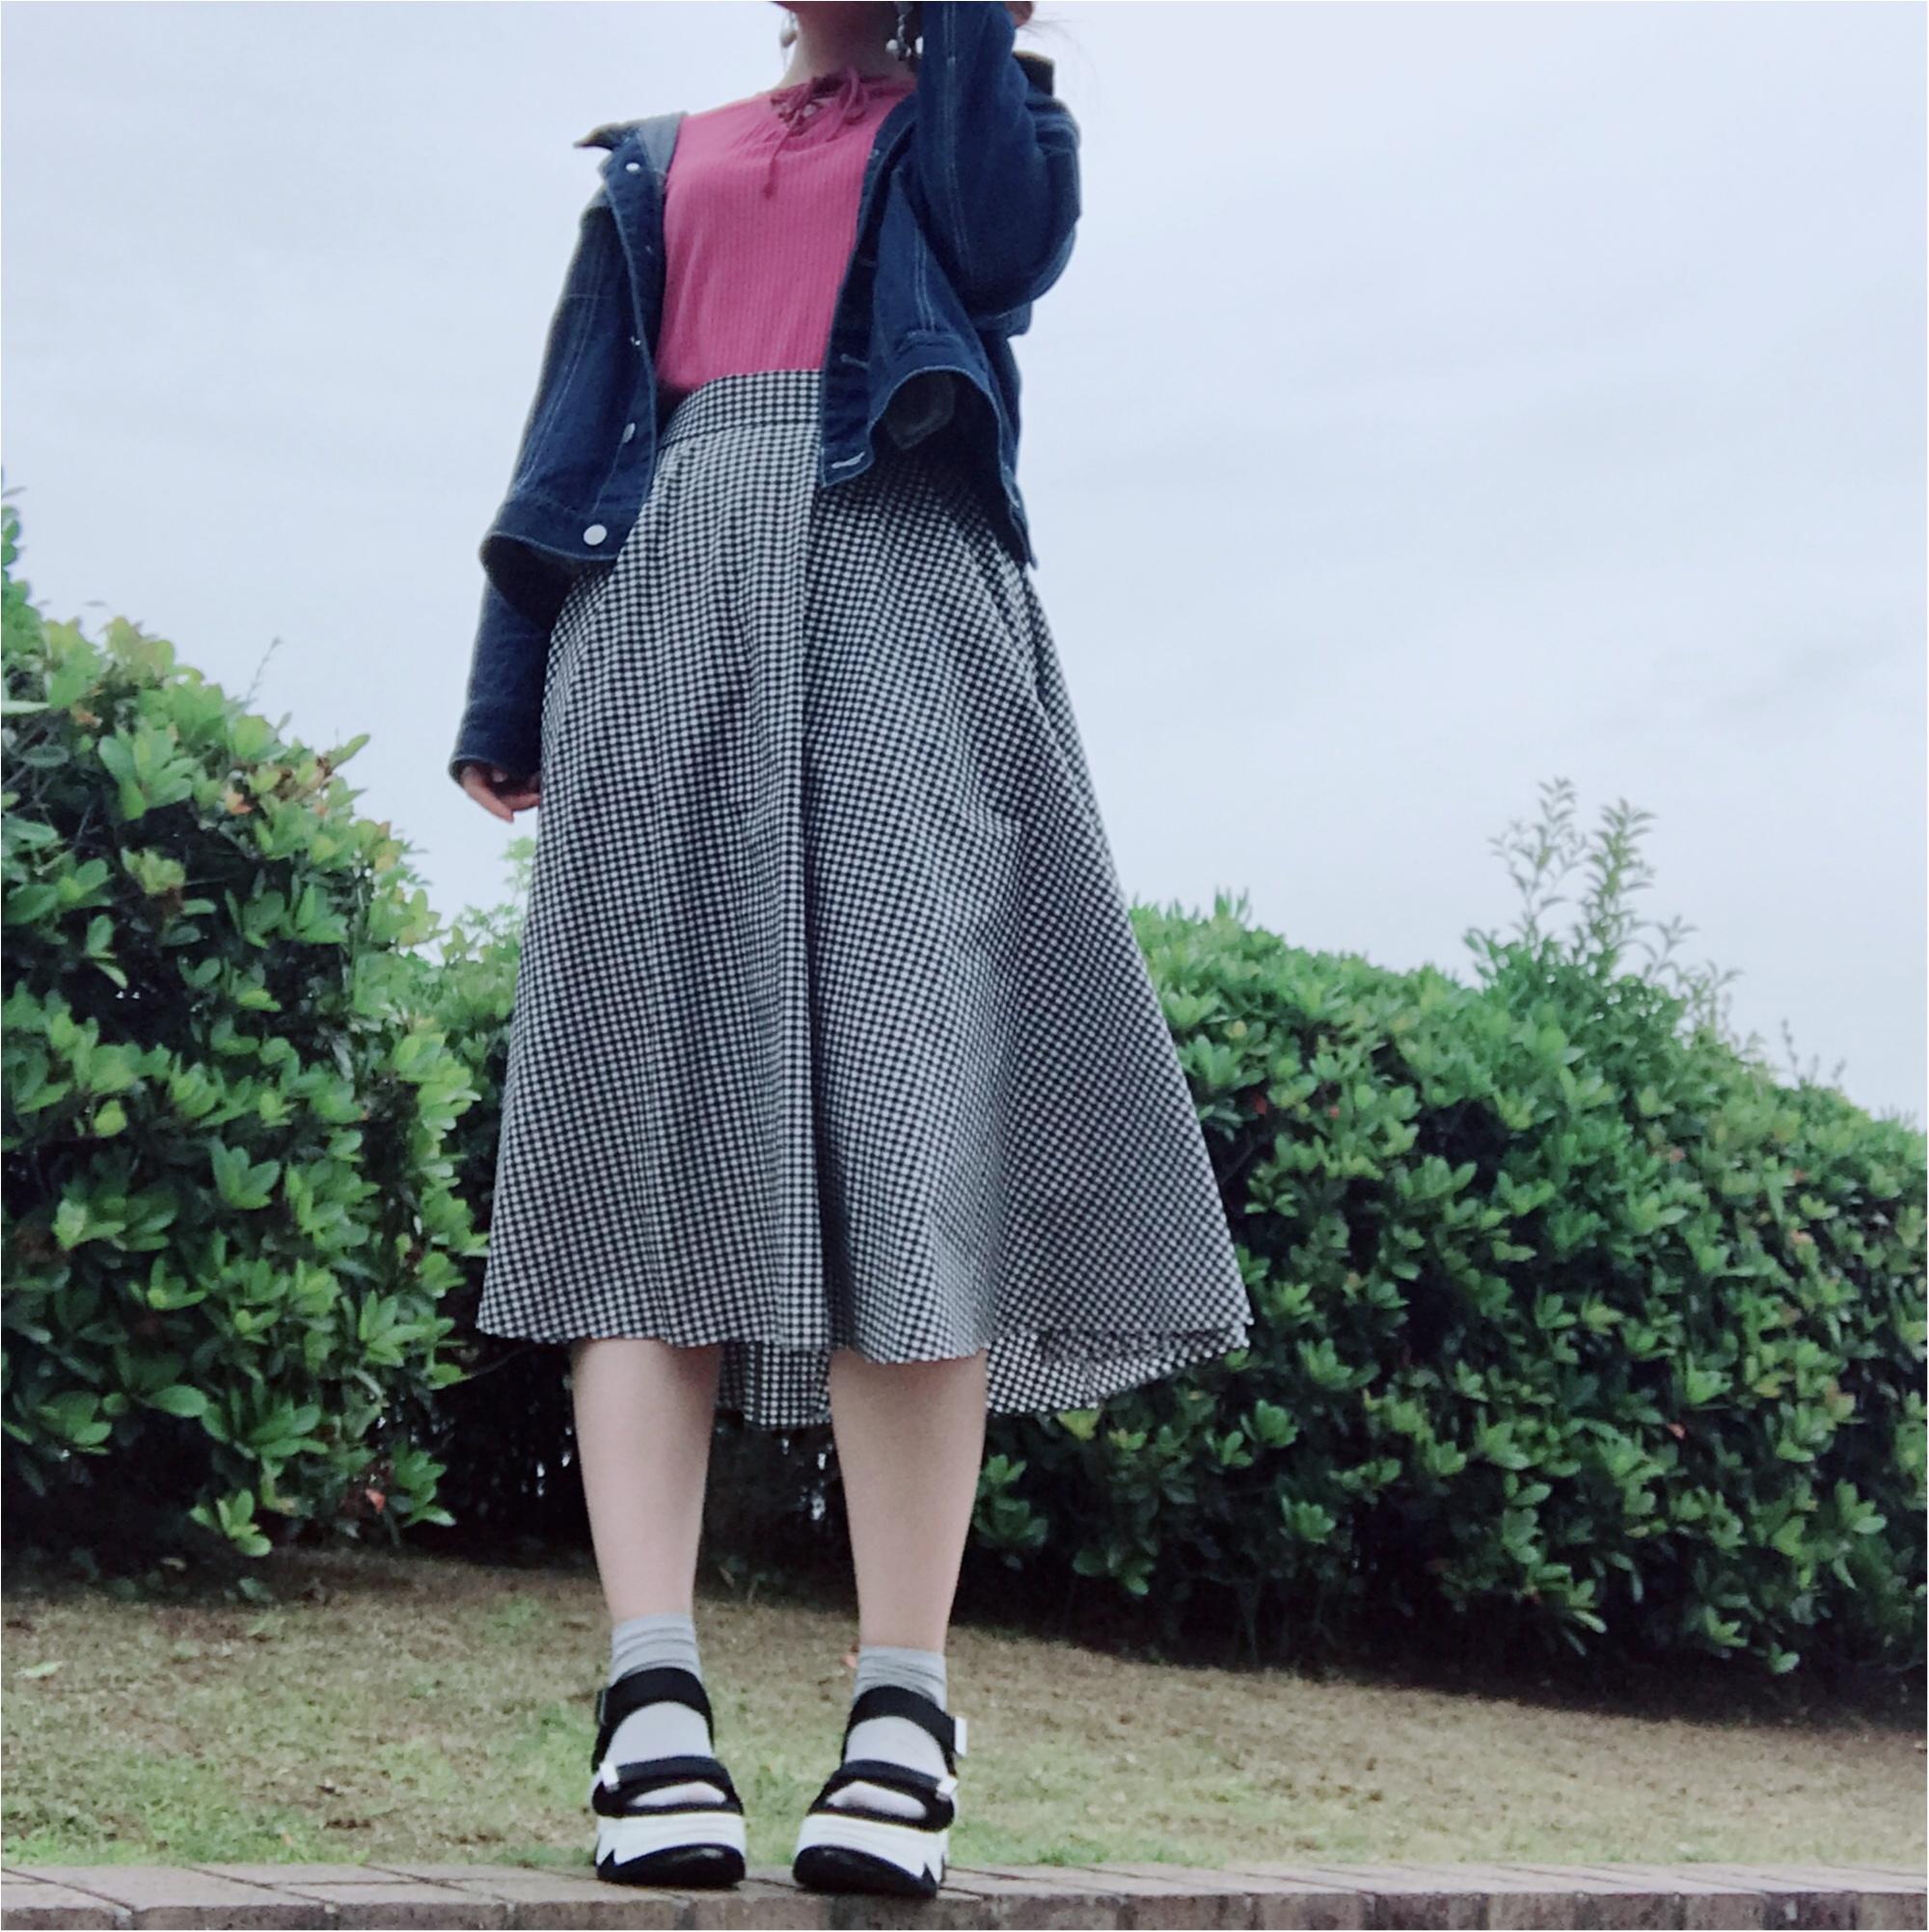 【ZARA】買ってよかった高コスパ靴!売切れ必須#ヴェッジソールサンダルが優秀すぎ♡_10